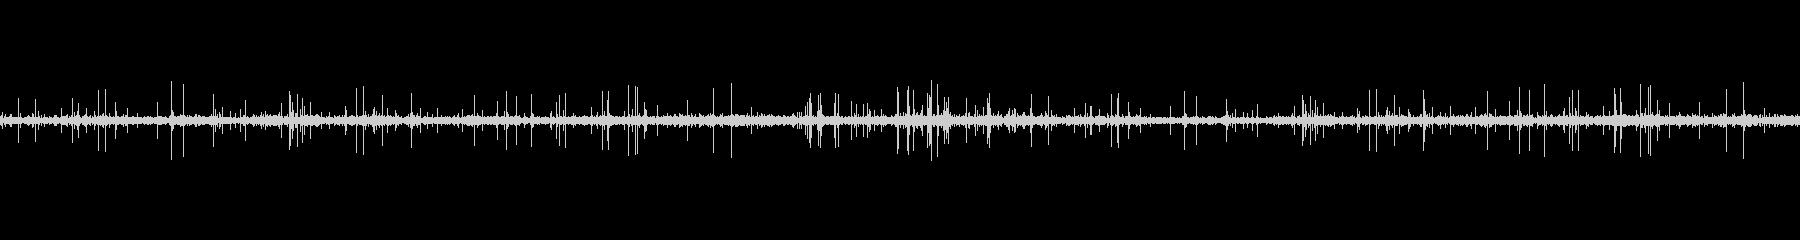 レコードノイズ Lofi ヴァイナル02の未再生の波形